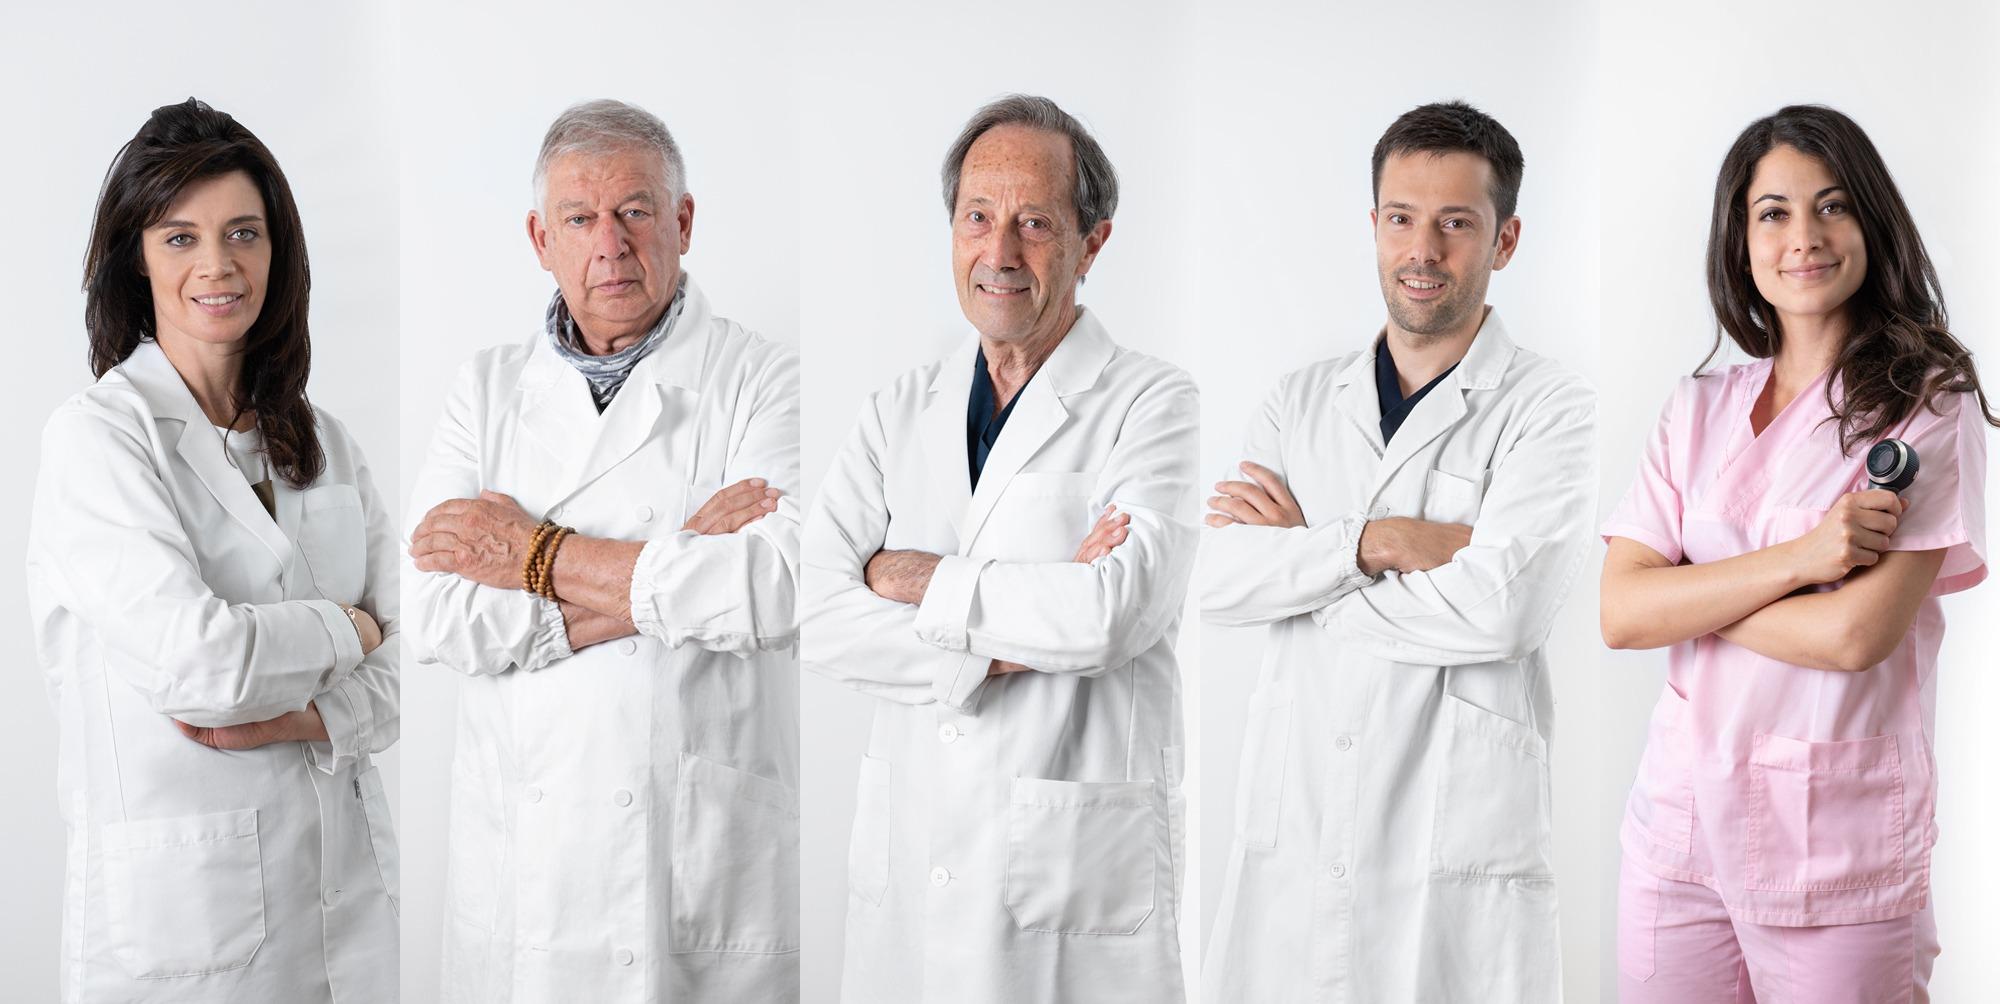 Ritratto professionale medico chirurgo